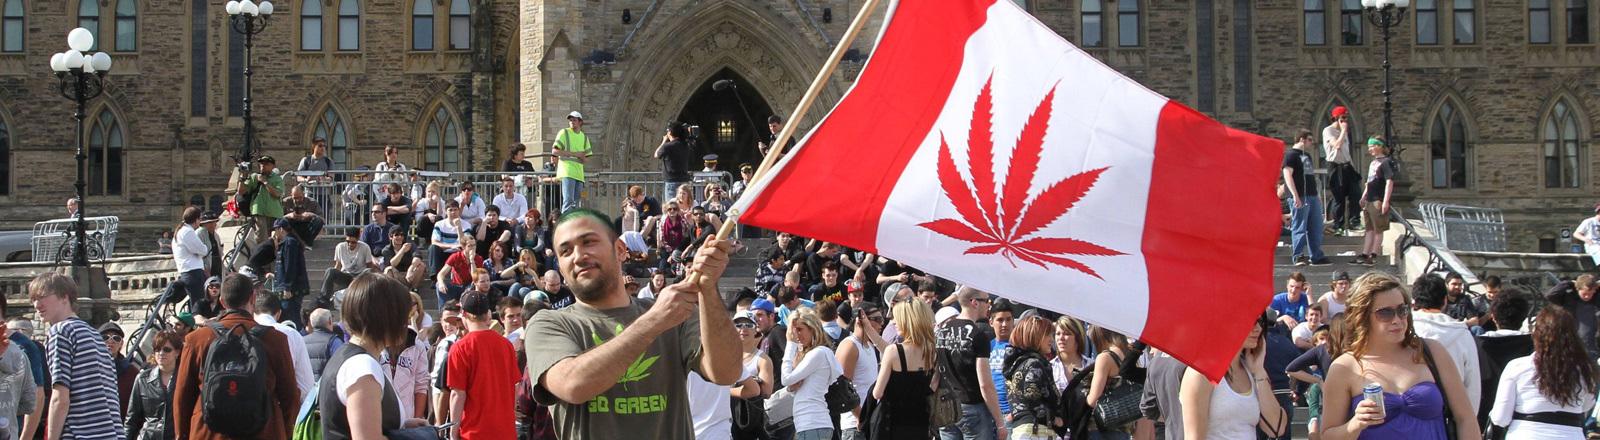 Ein Mann schwenkt 2010 eine kanadische Flagge mit Cannabis- statt Ahorn-Blatt